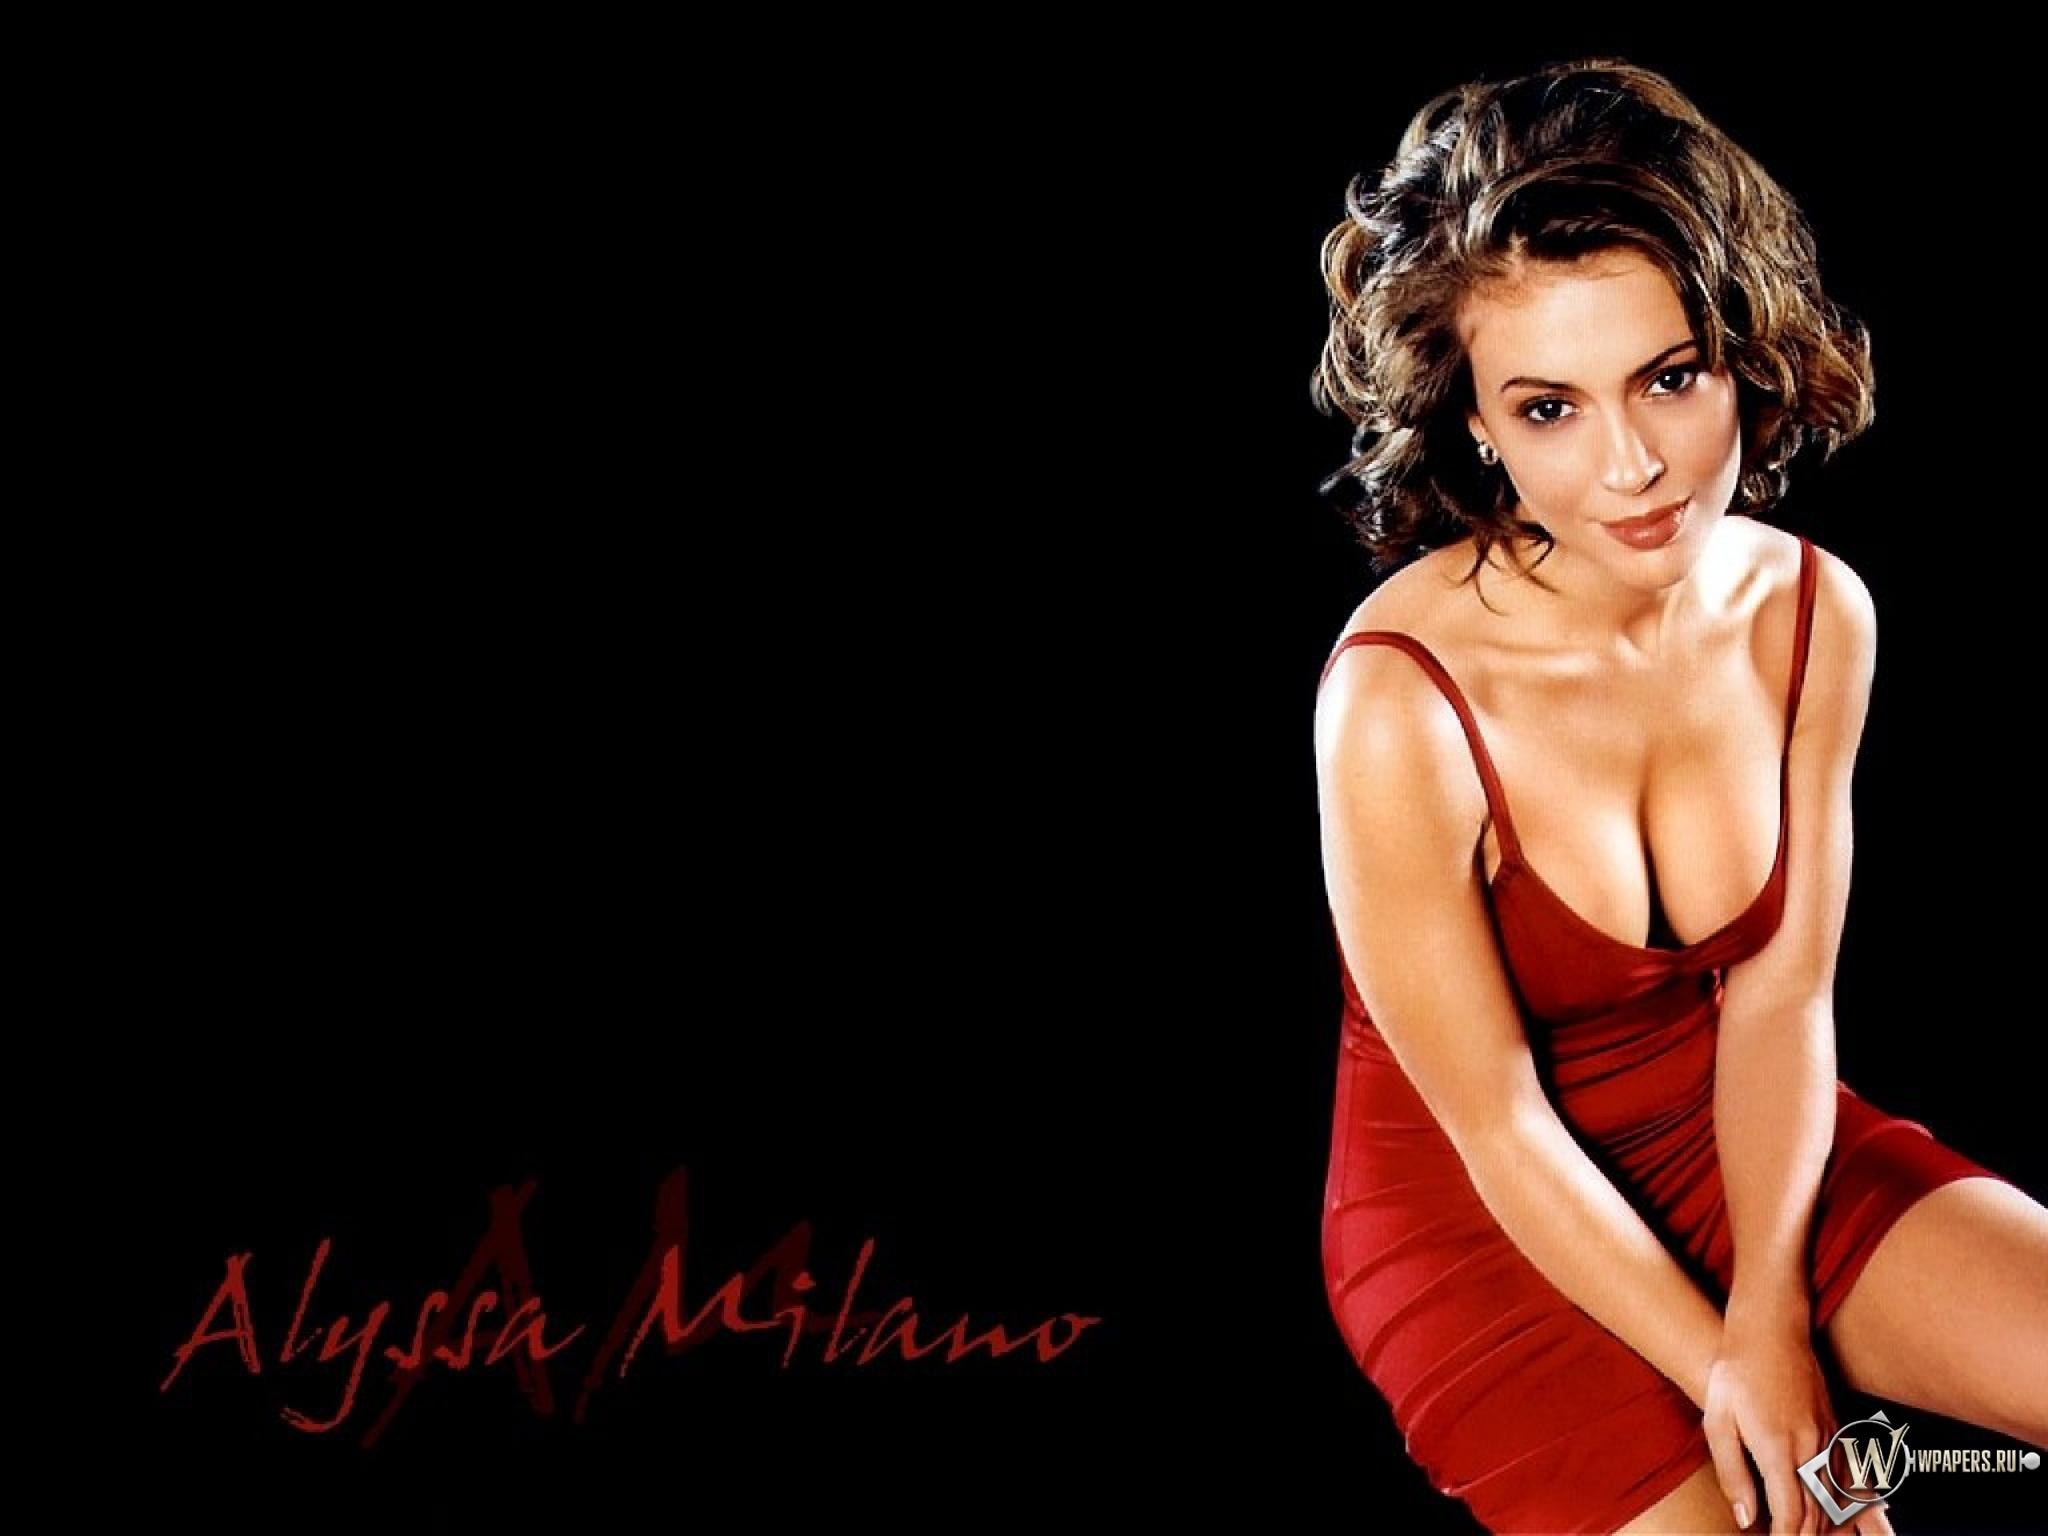 Alyssa Milano 2048x1536